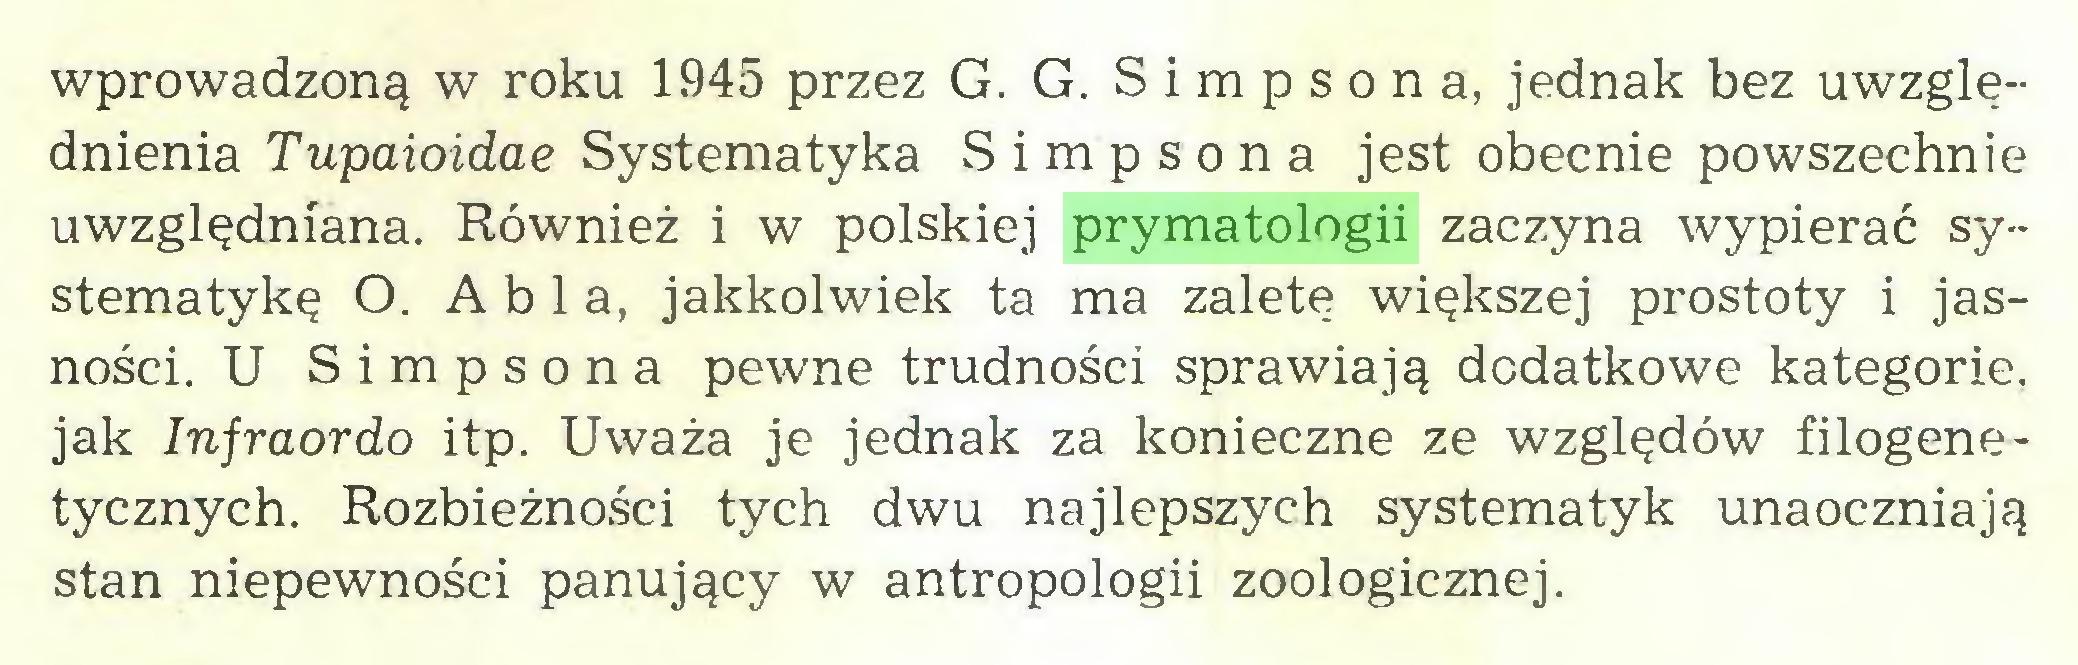 (...) wprowadzoną w roku 1945 przez G. G. S i m p s o n a, jednak bez uwzględnienia Tupaioidae Systematyka S i m p s o n a jest obecnie powszechnie uwzględniana. Również i w polskiej prymatologii zaczyna wypierać systematykę O. Abla, jakkolwiek ta ma zaletę większej prostoty i jasności. U Simpsona pewne trudności sprawiają dodatkowe kategorie, jak Infraordo itp. Uważa je jednak za konieczne ze względów filogenetycznych. Rozbieżności tych dwu najlepszych systematyk unaoczniają stan niepewności panujący w antropologii zoologicznej...